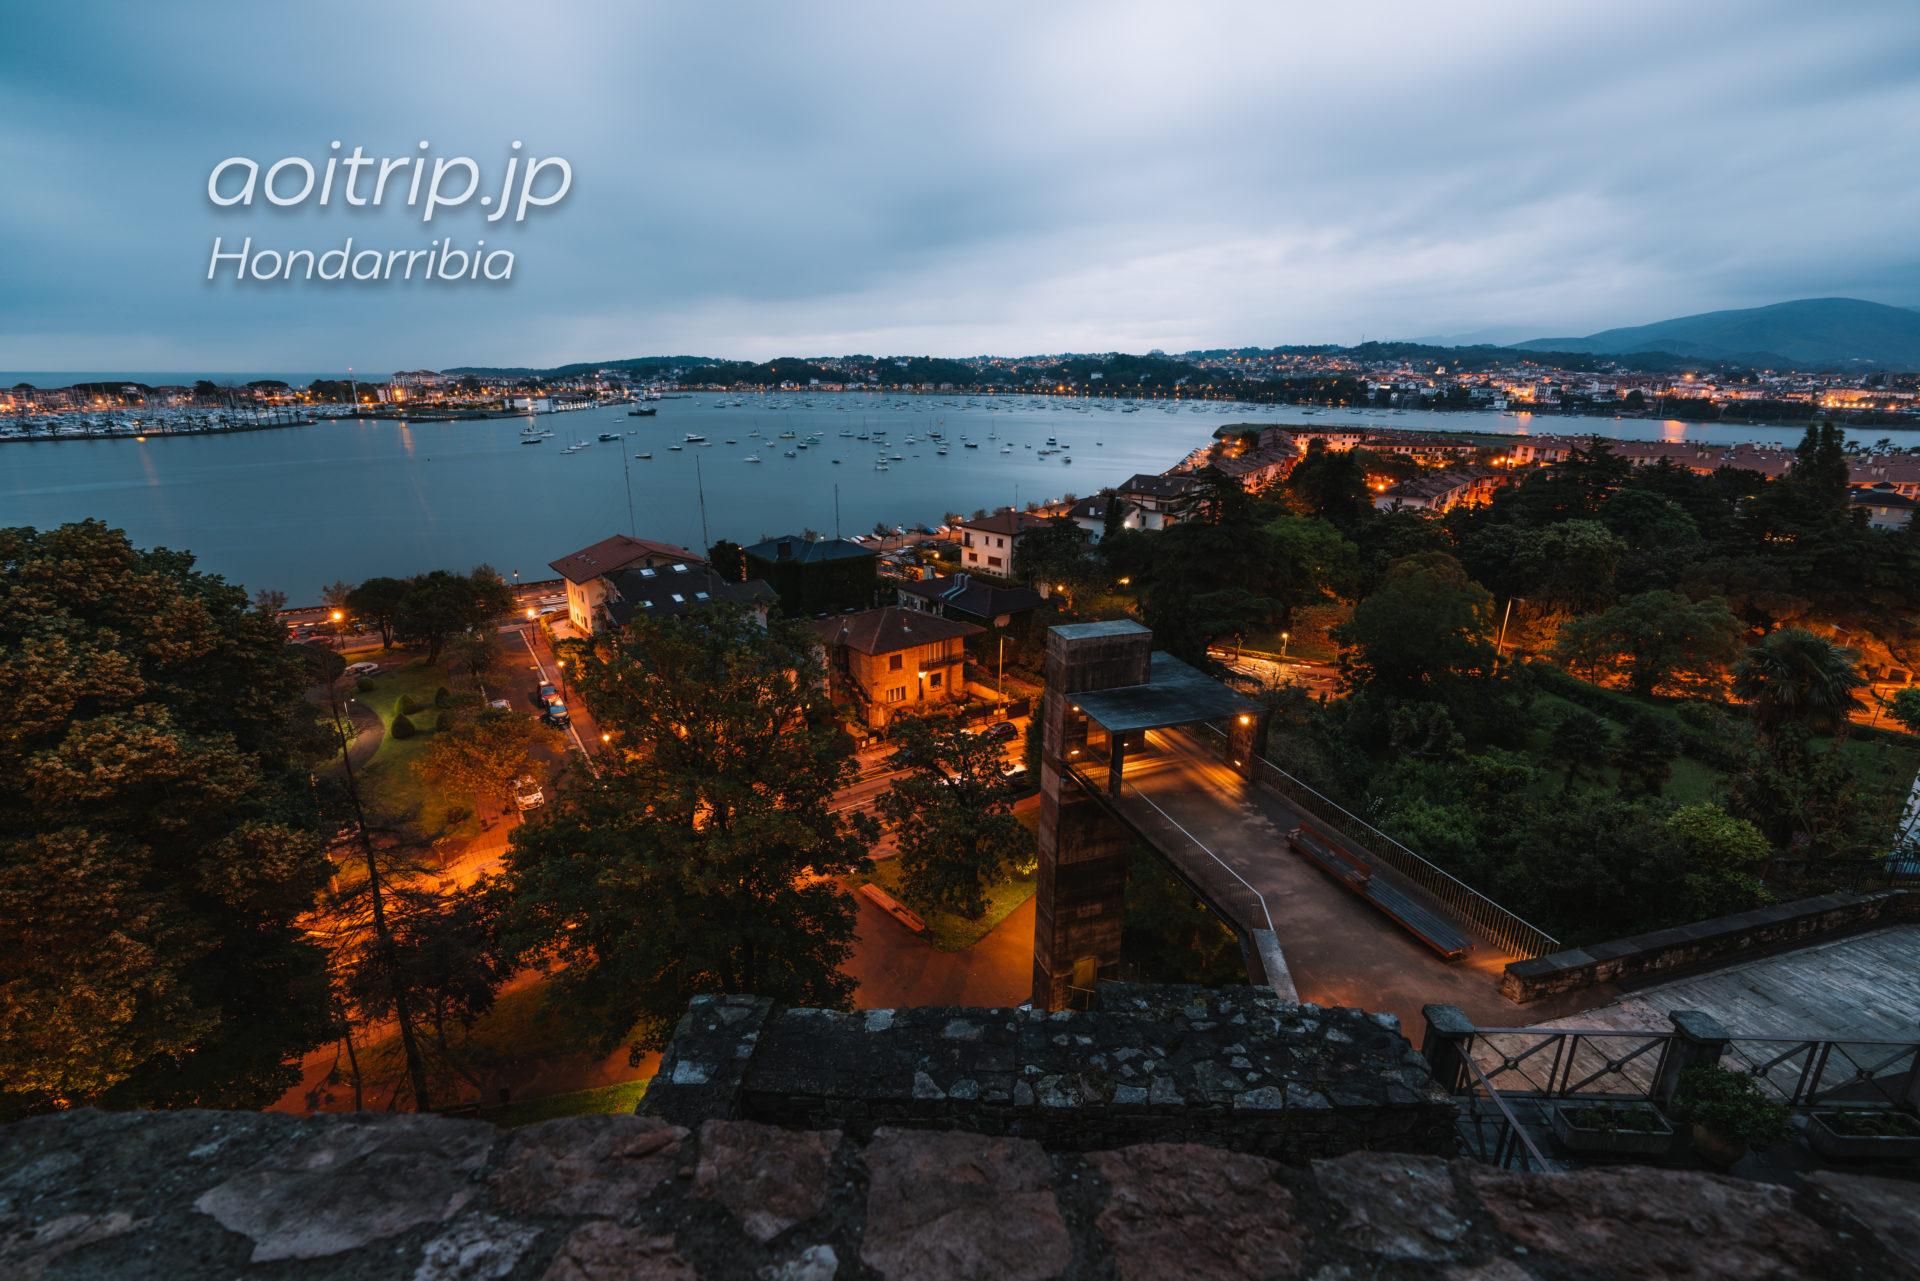 パラドールデオンダリビアから望むフランス国境(ビタソア川)の夜景